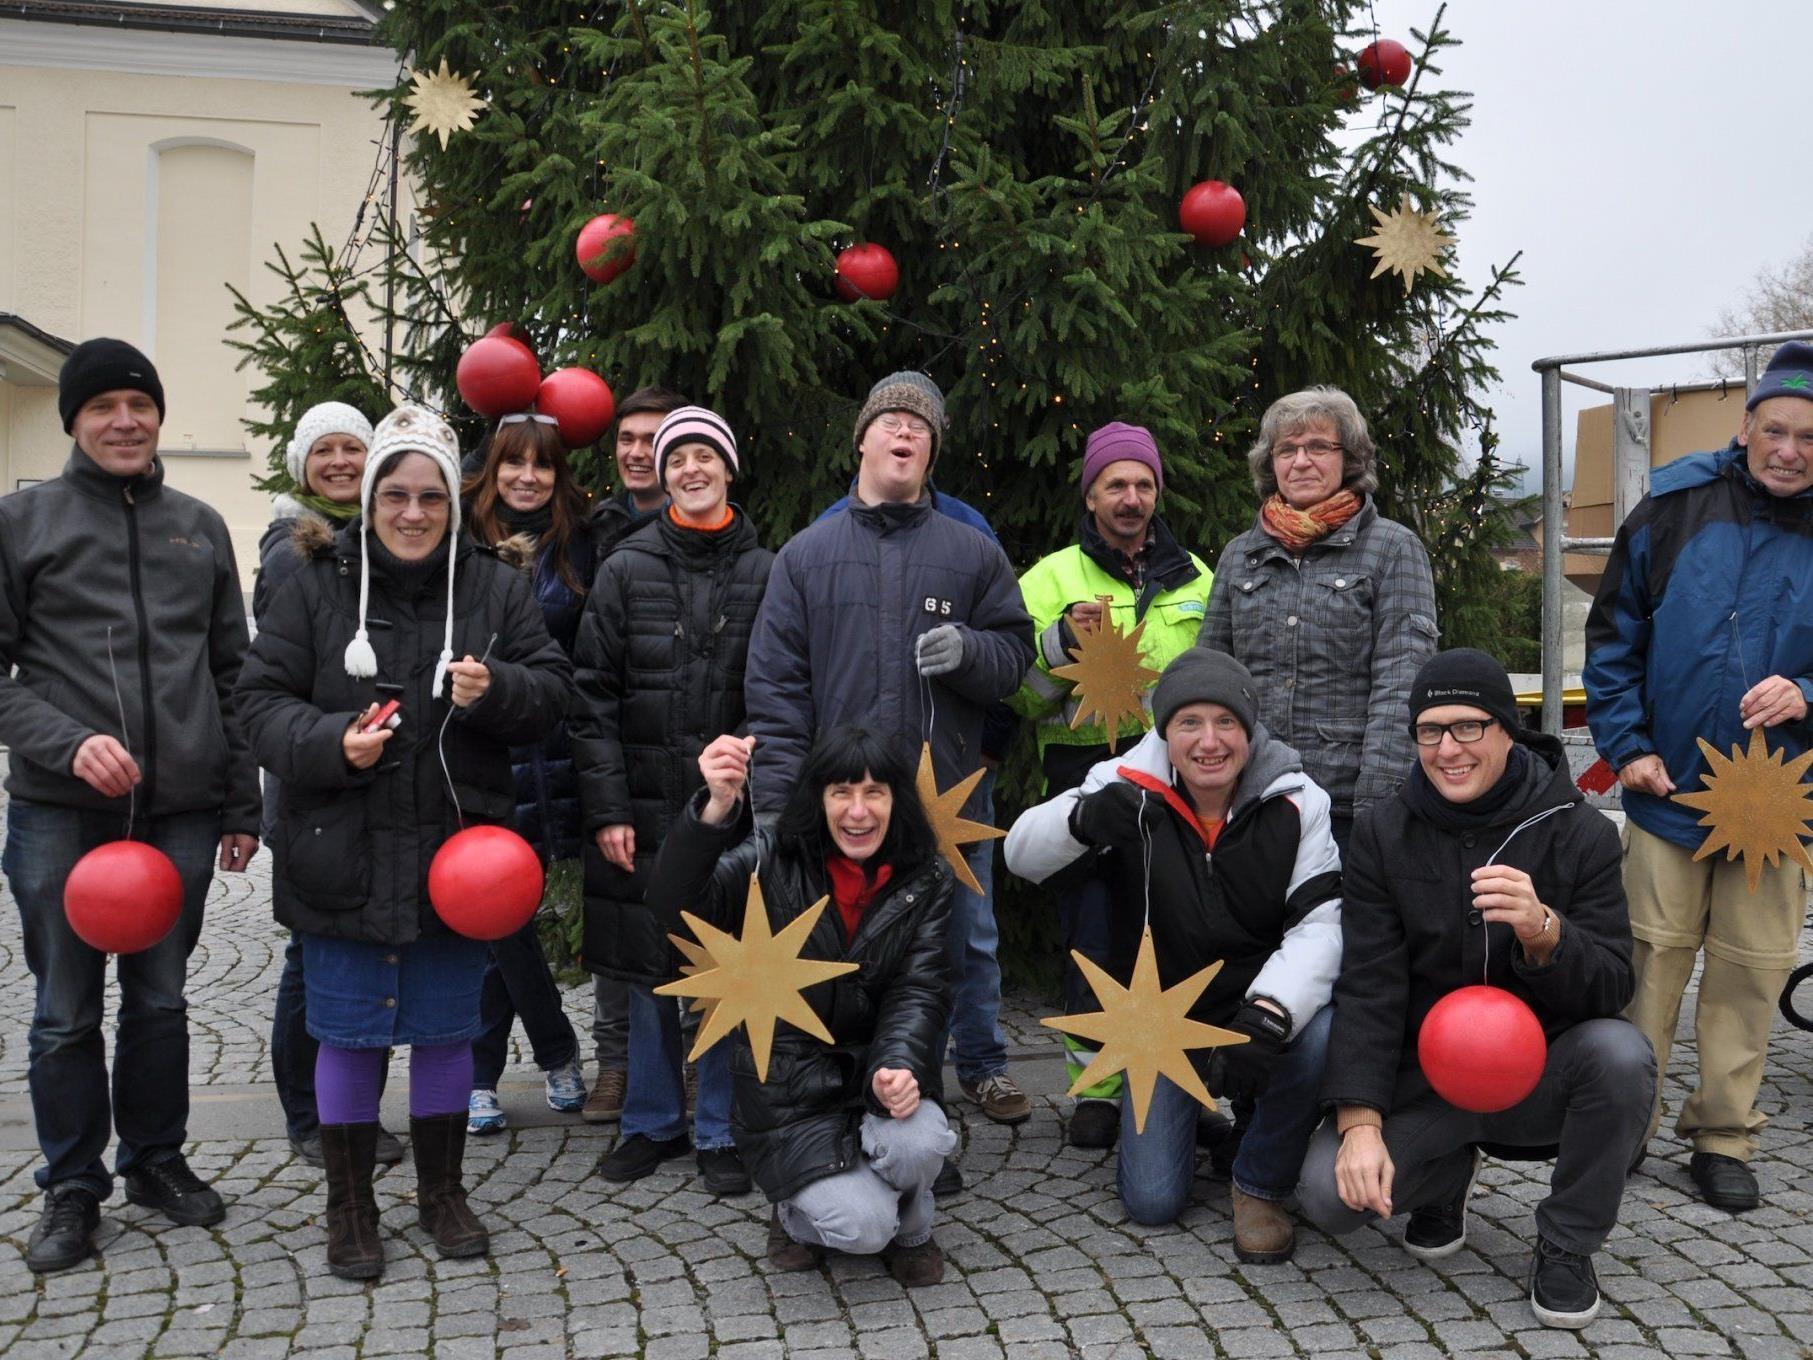 Lebenshilfe schmückte den Weihnachtsbaum.